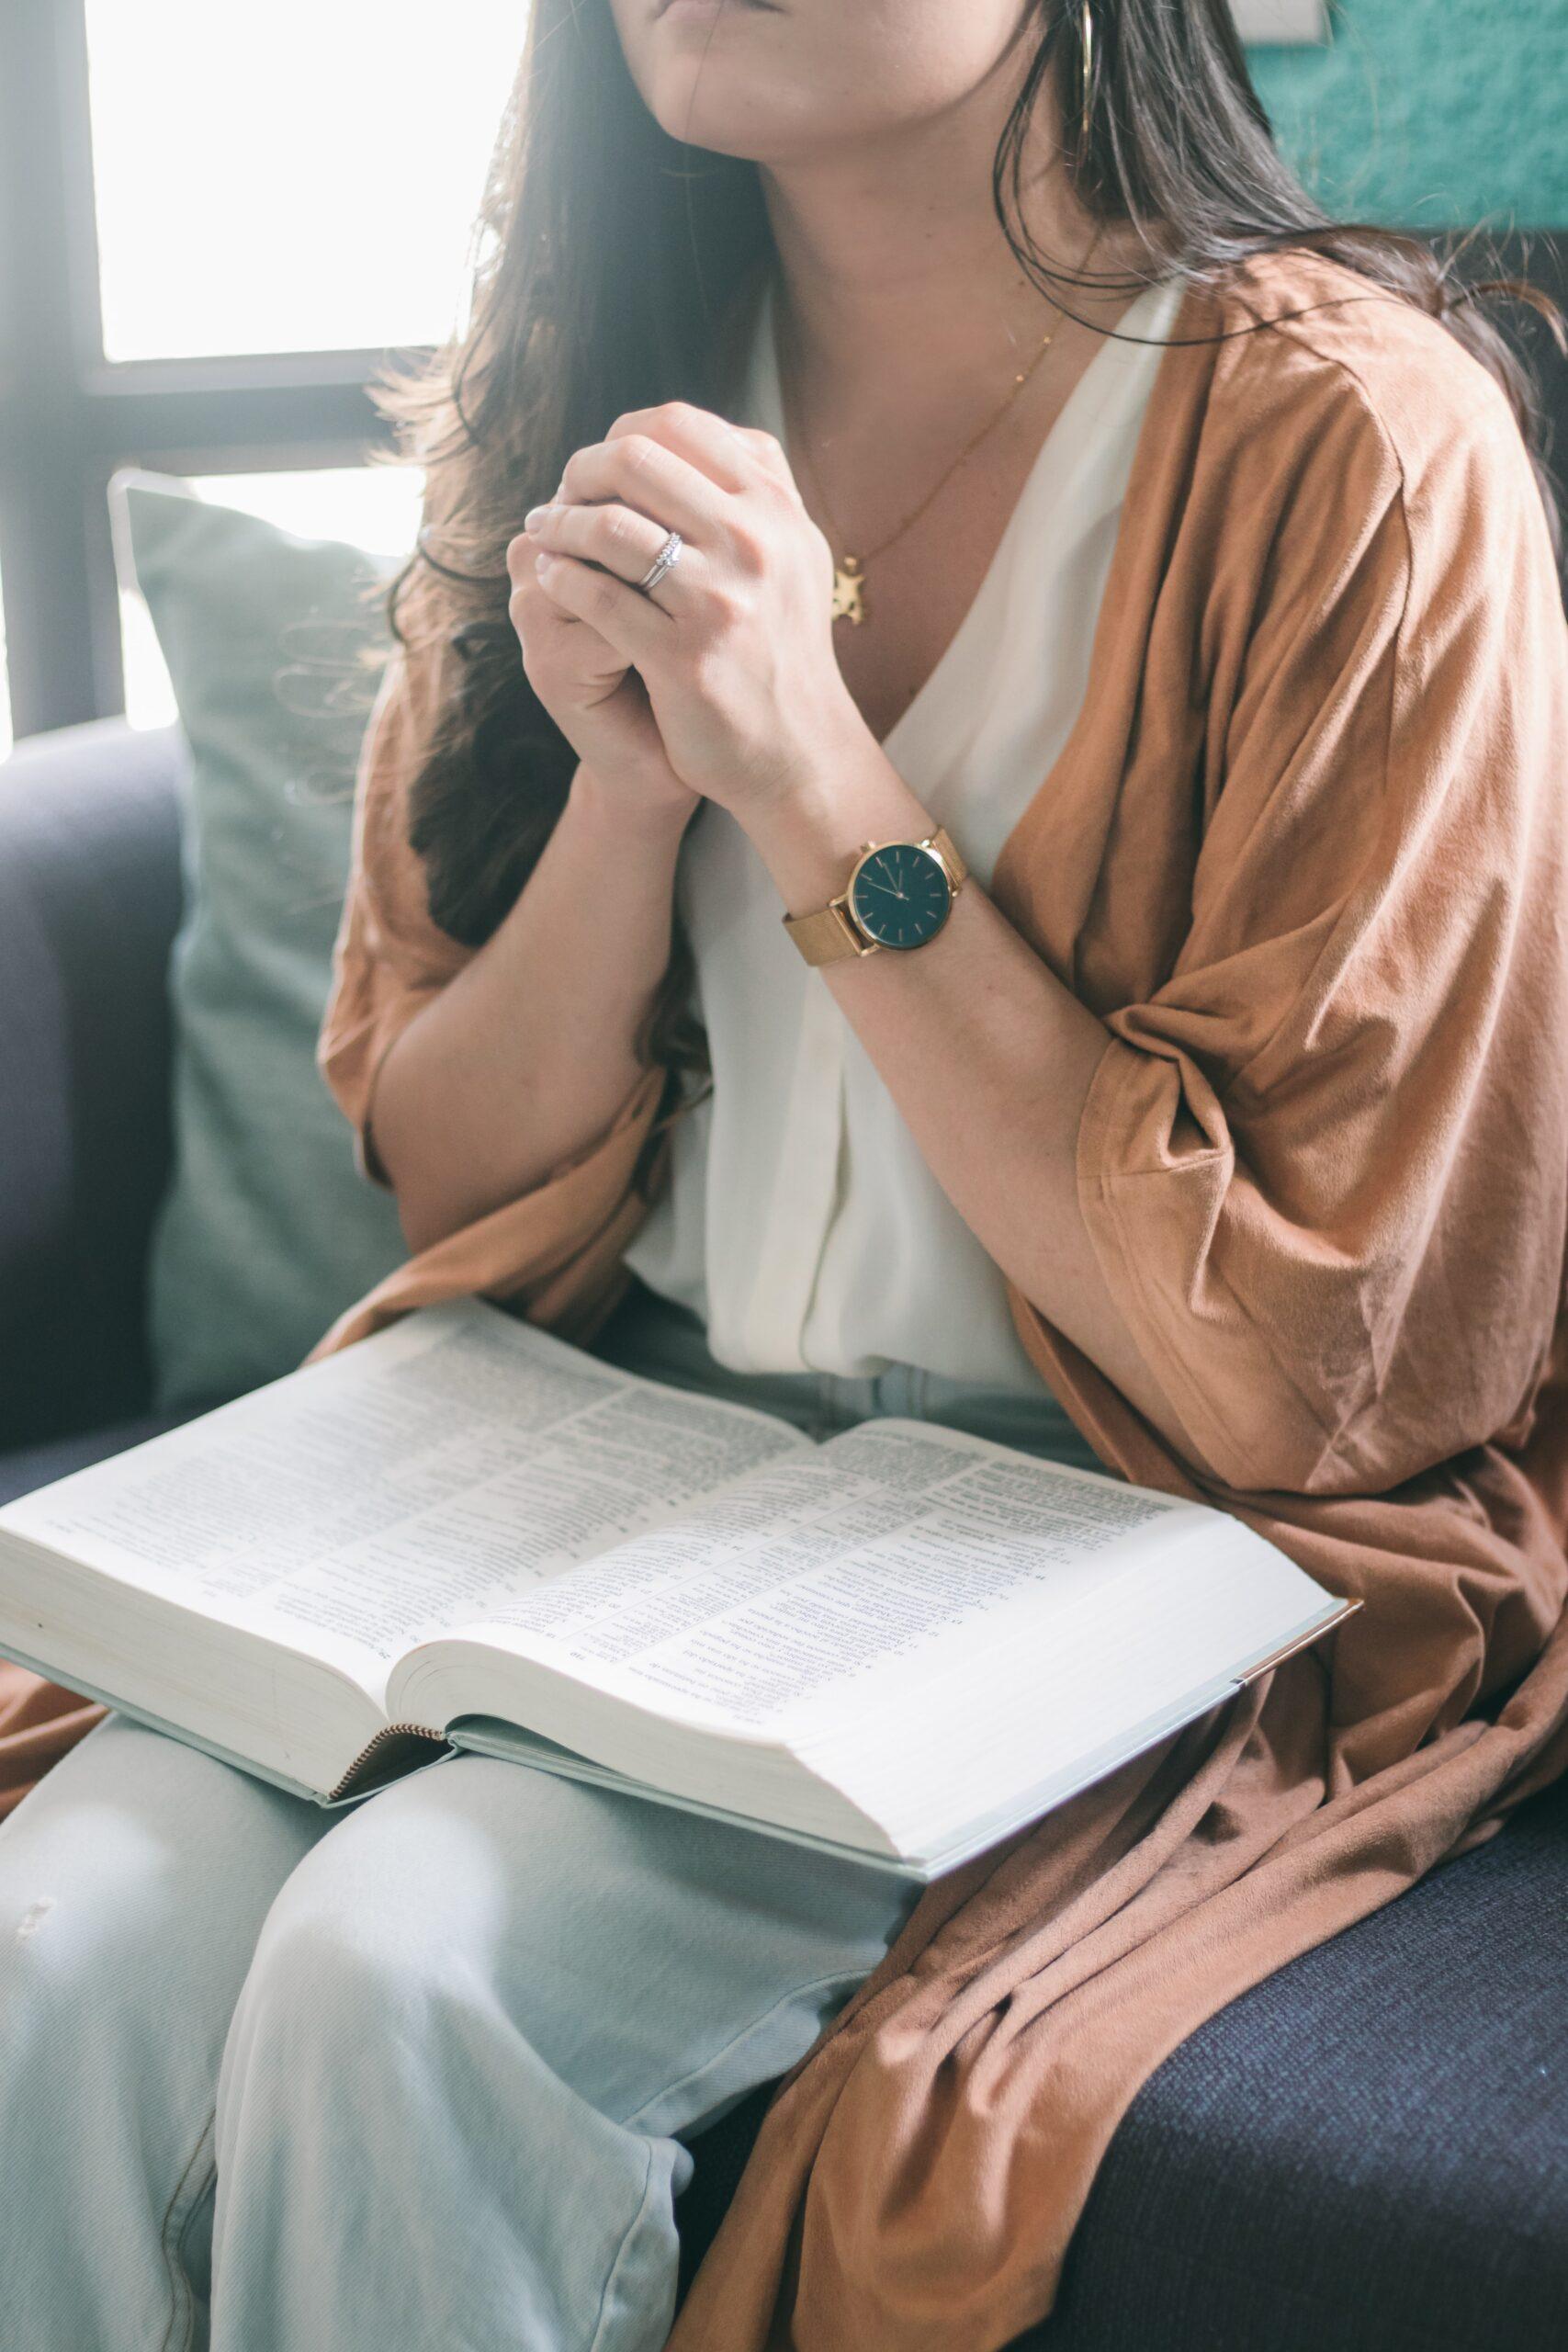 woman praying with Bible in lap